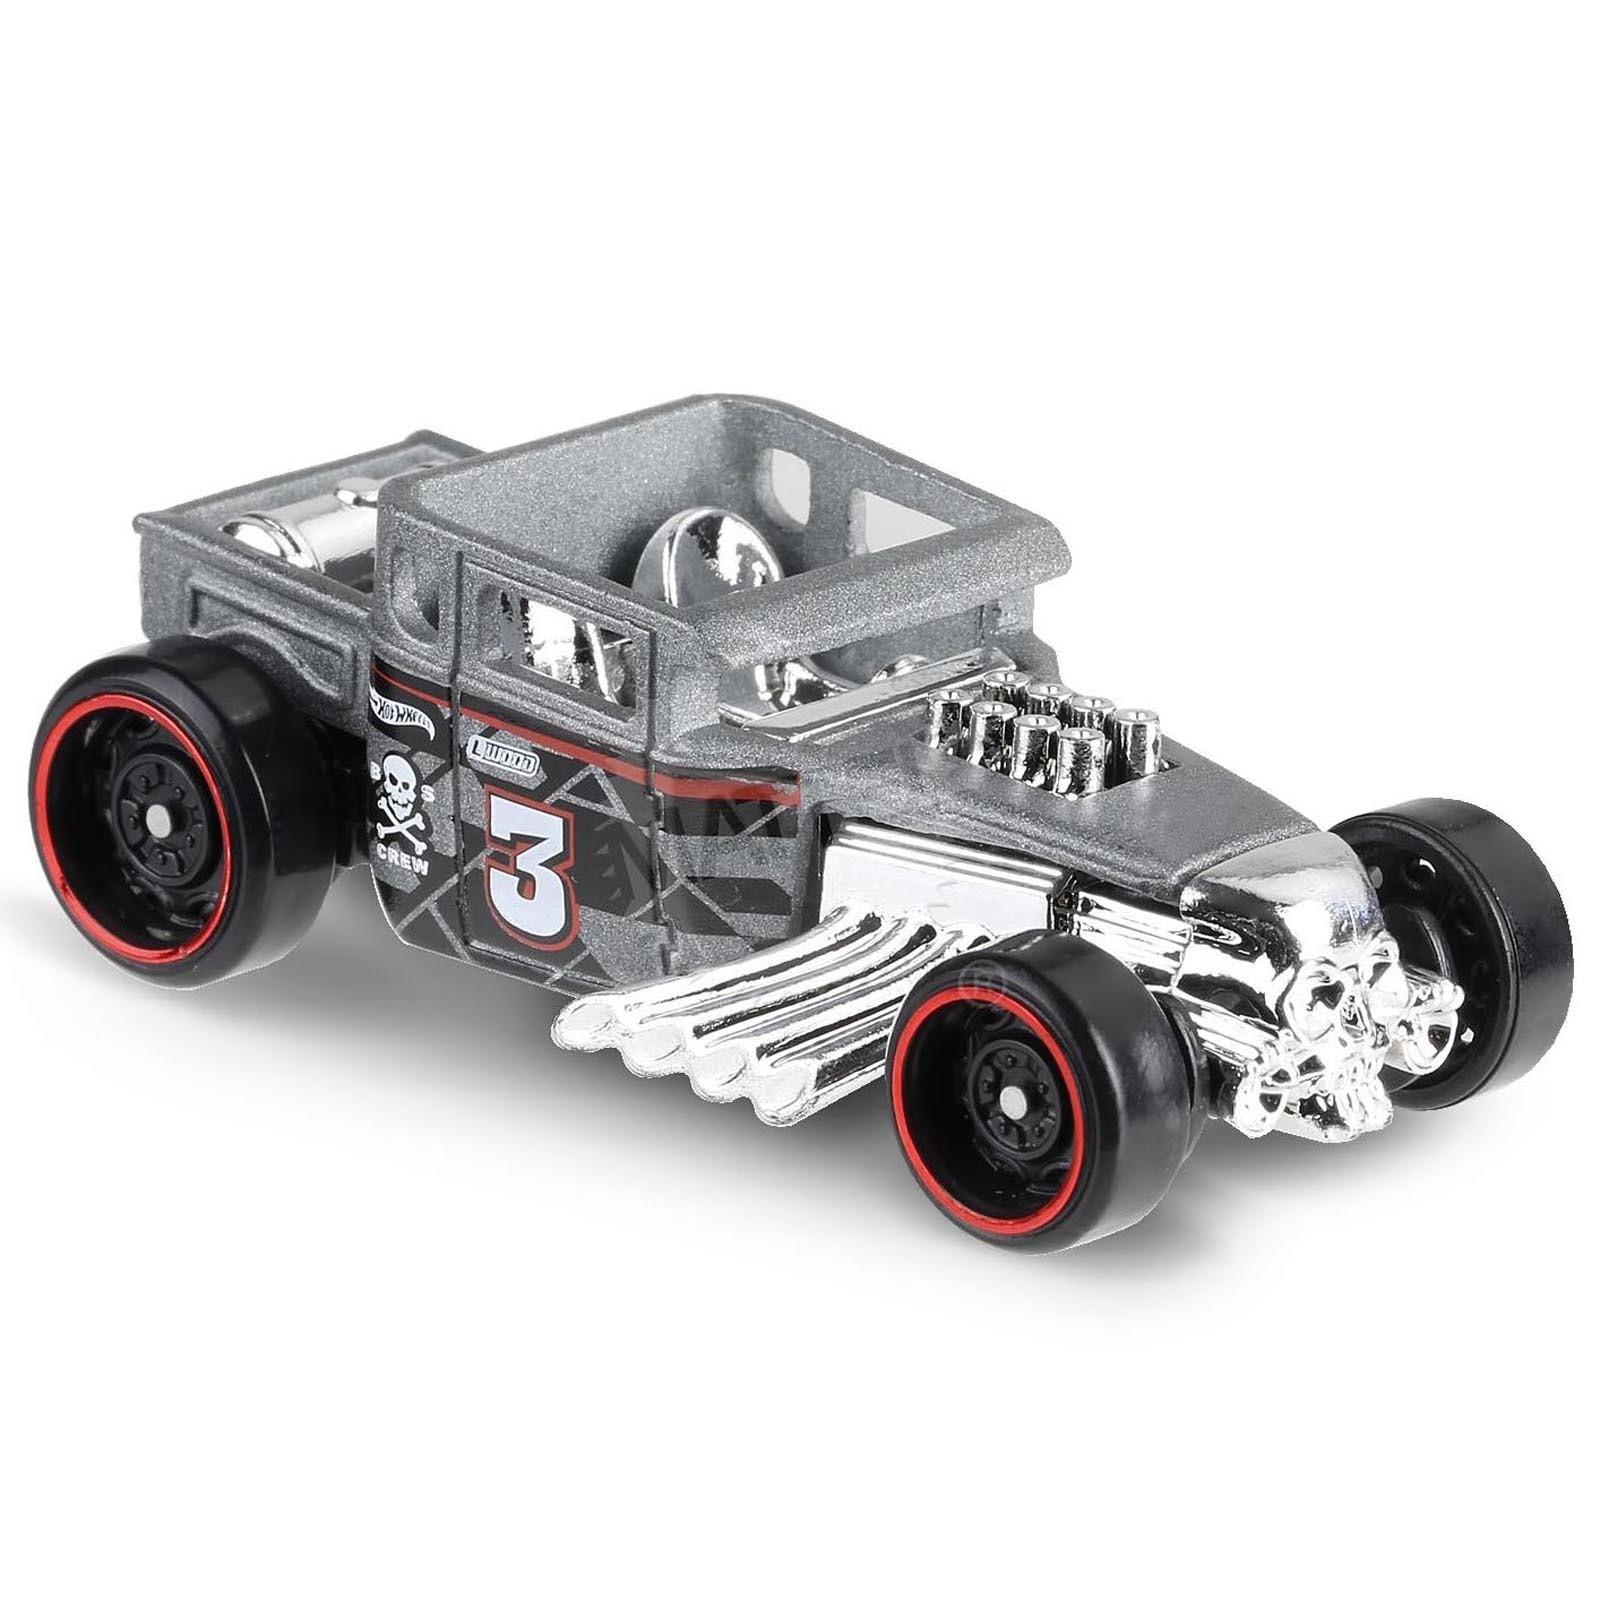 Hot Wheels - Bone Shaker - FYF59